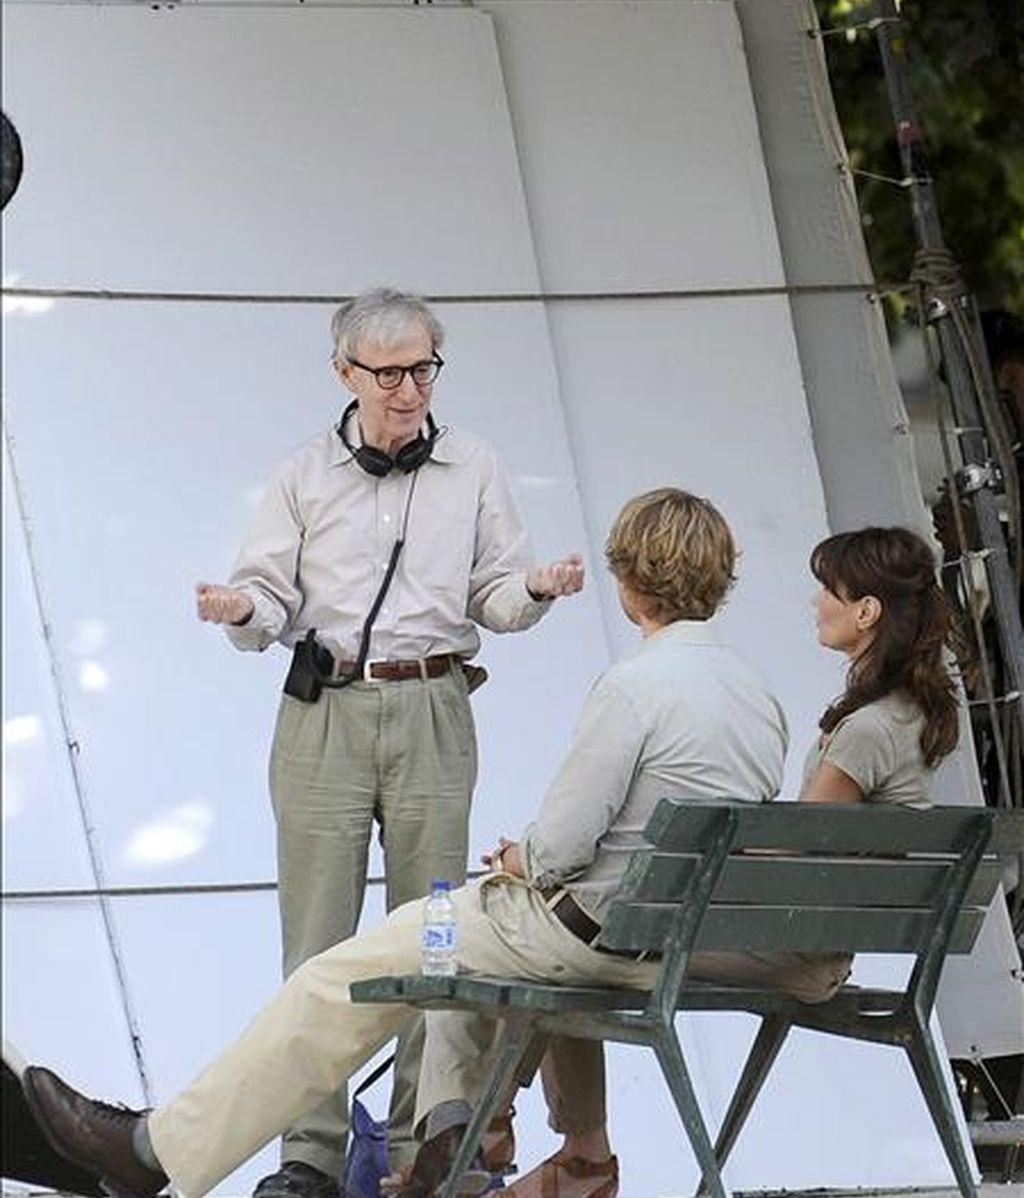 """El director estadounidense Woody Allen (c) habla con la primera dama francesa Carla Bruni-Sarkozy (d) y el actor estadounidense Owen Wilson (2-d) en la plaza Juan XXIII, detrás de la catedral de Notre Dame, durante el rodaje de su película """"Media noche en París"""", el pasado miércoles. EFE"""